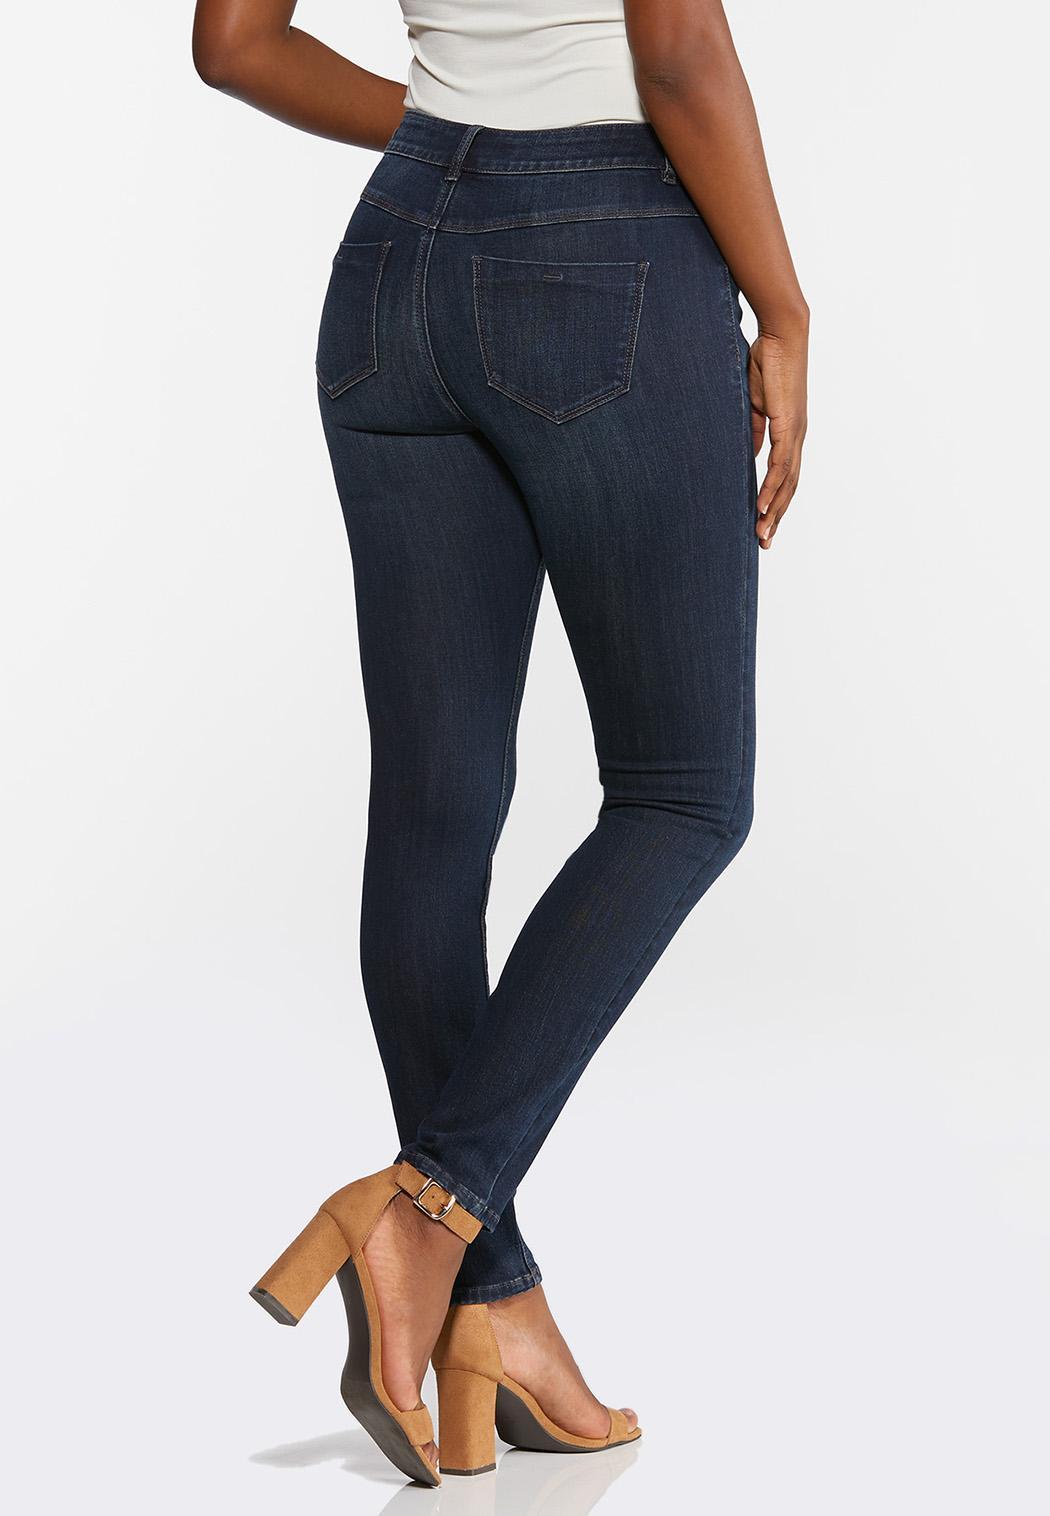 Dark Wash Skinny Jeans (Item #44332428)